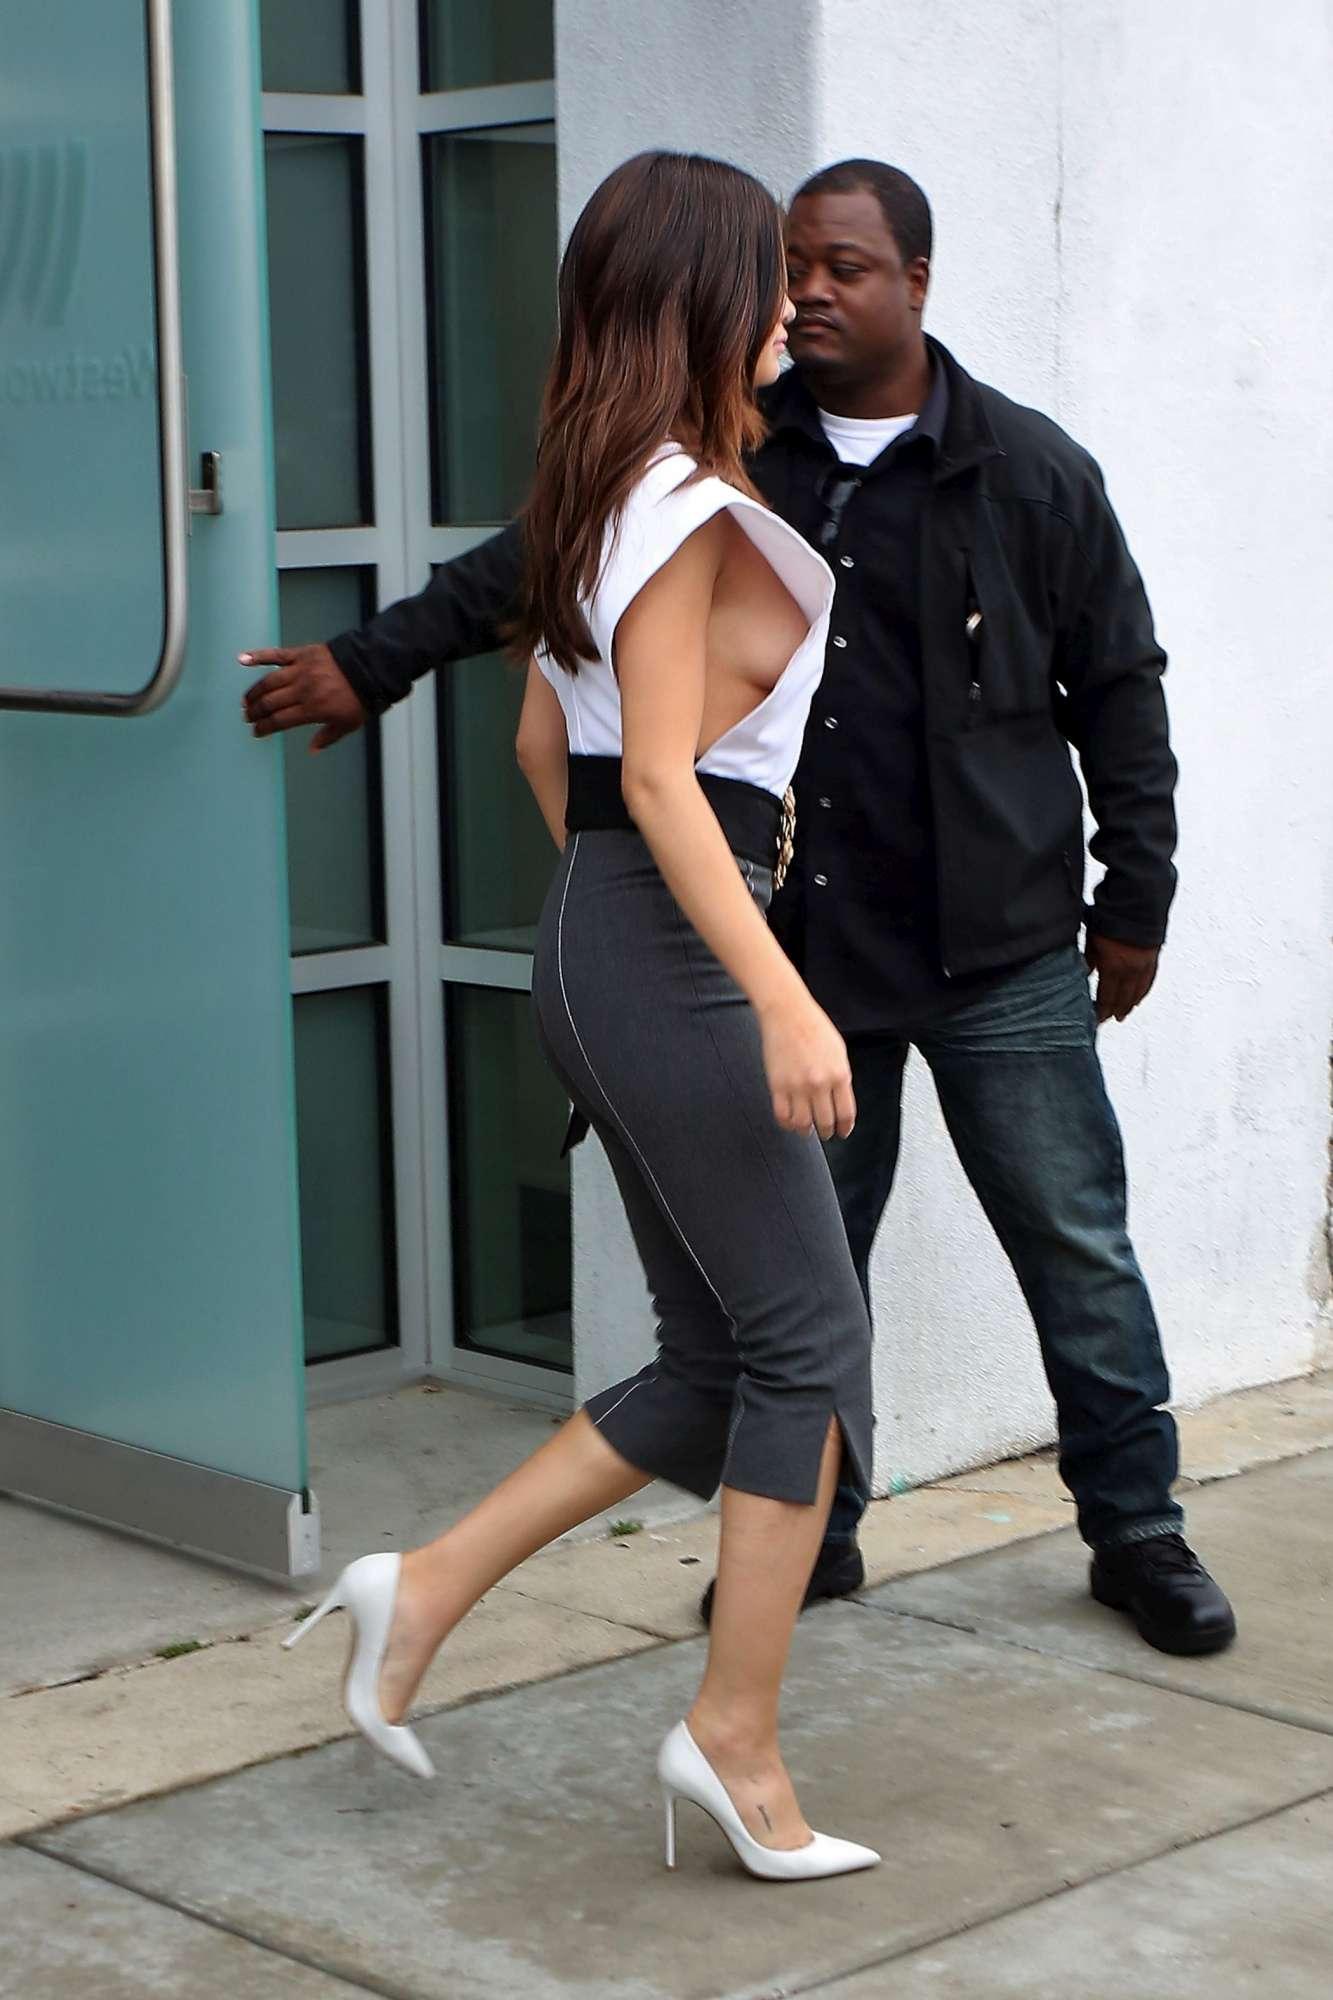 Selena Gomez, sideboob per le vie di Los Angeles